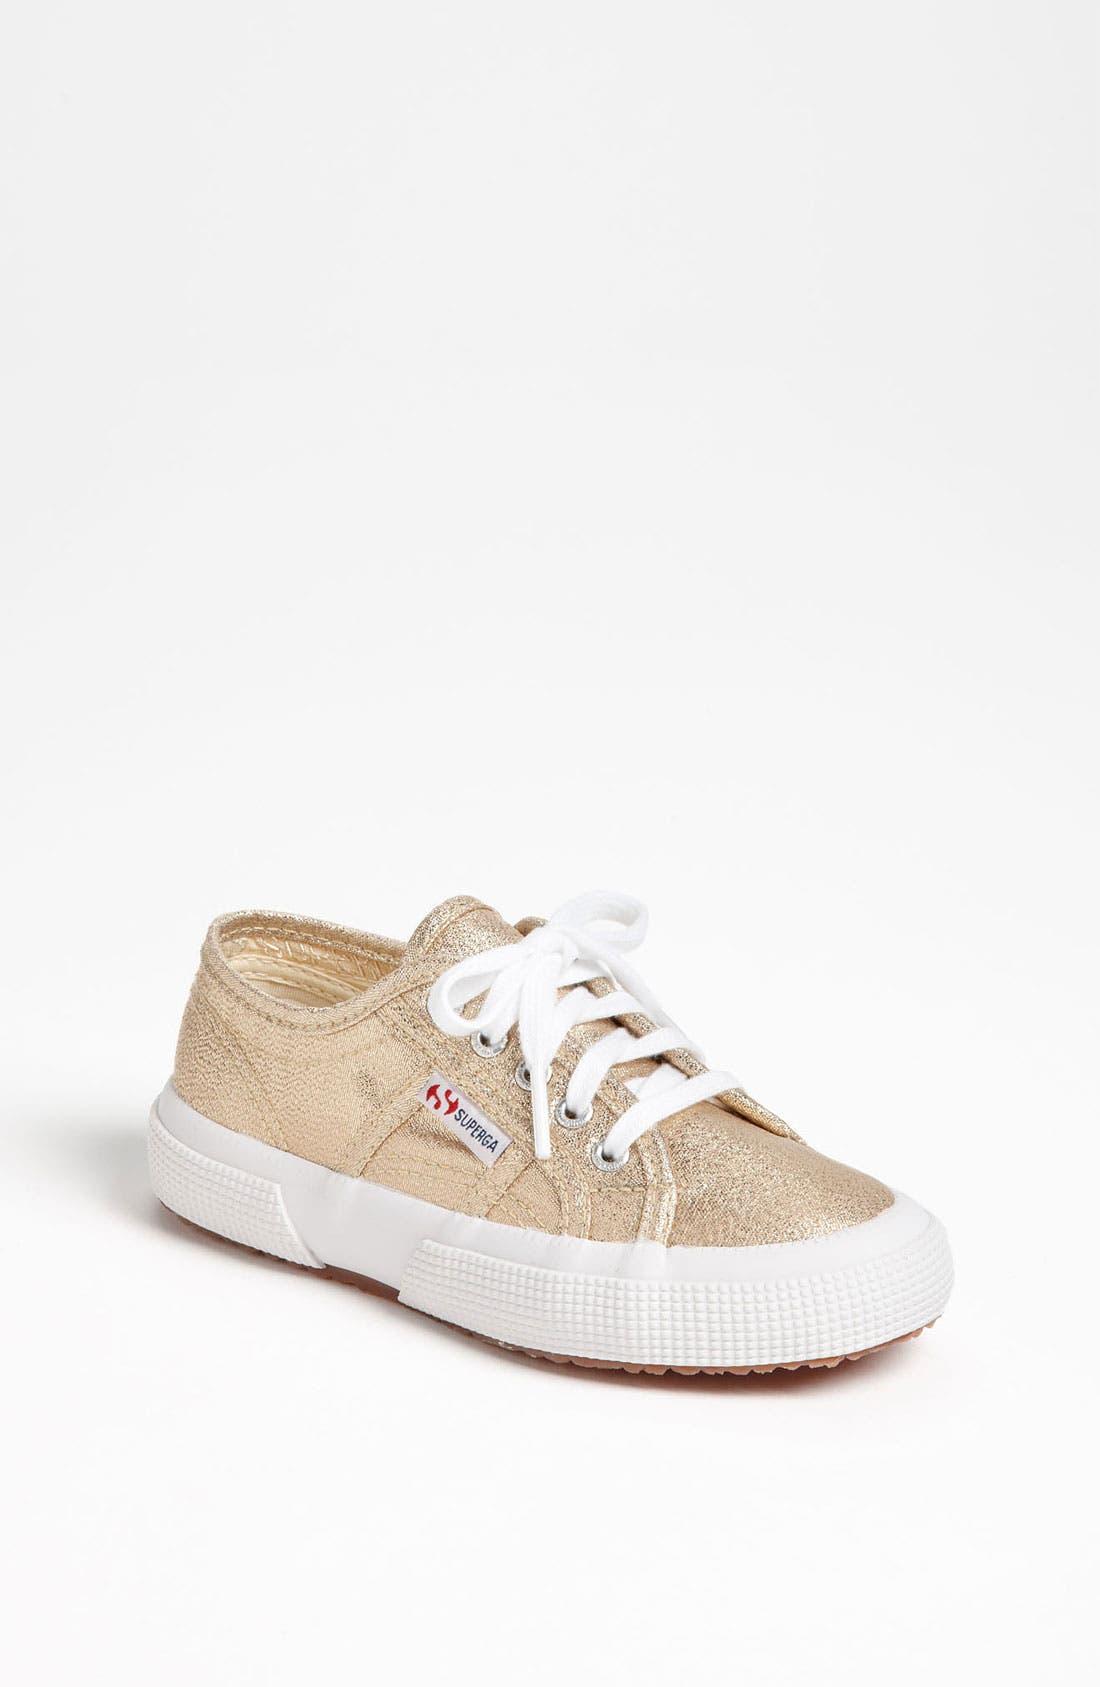 Main Image - Superga 'Classic Glitter' Sneaker (Walker, Toddler & Little Kid)